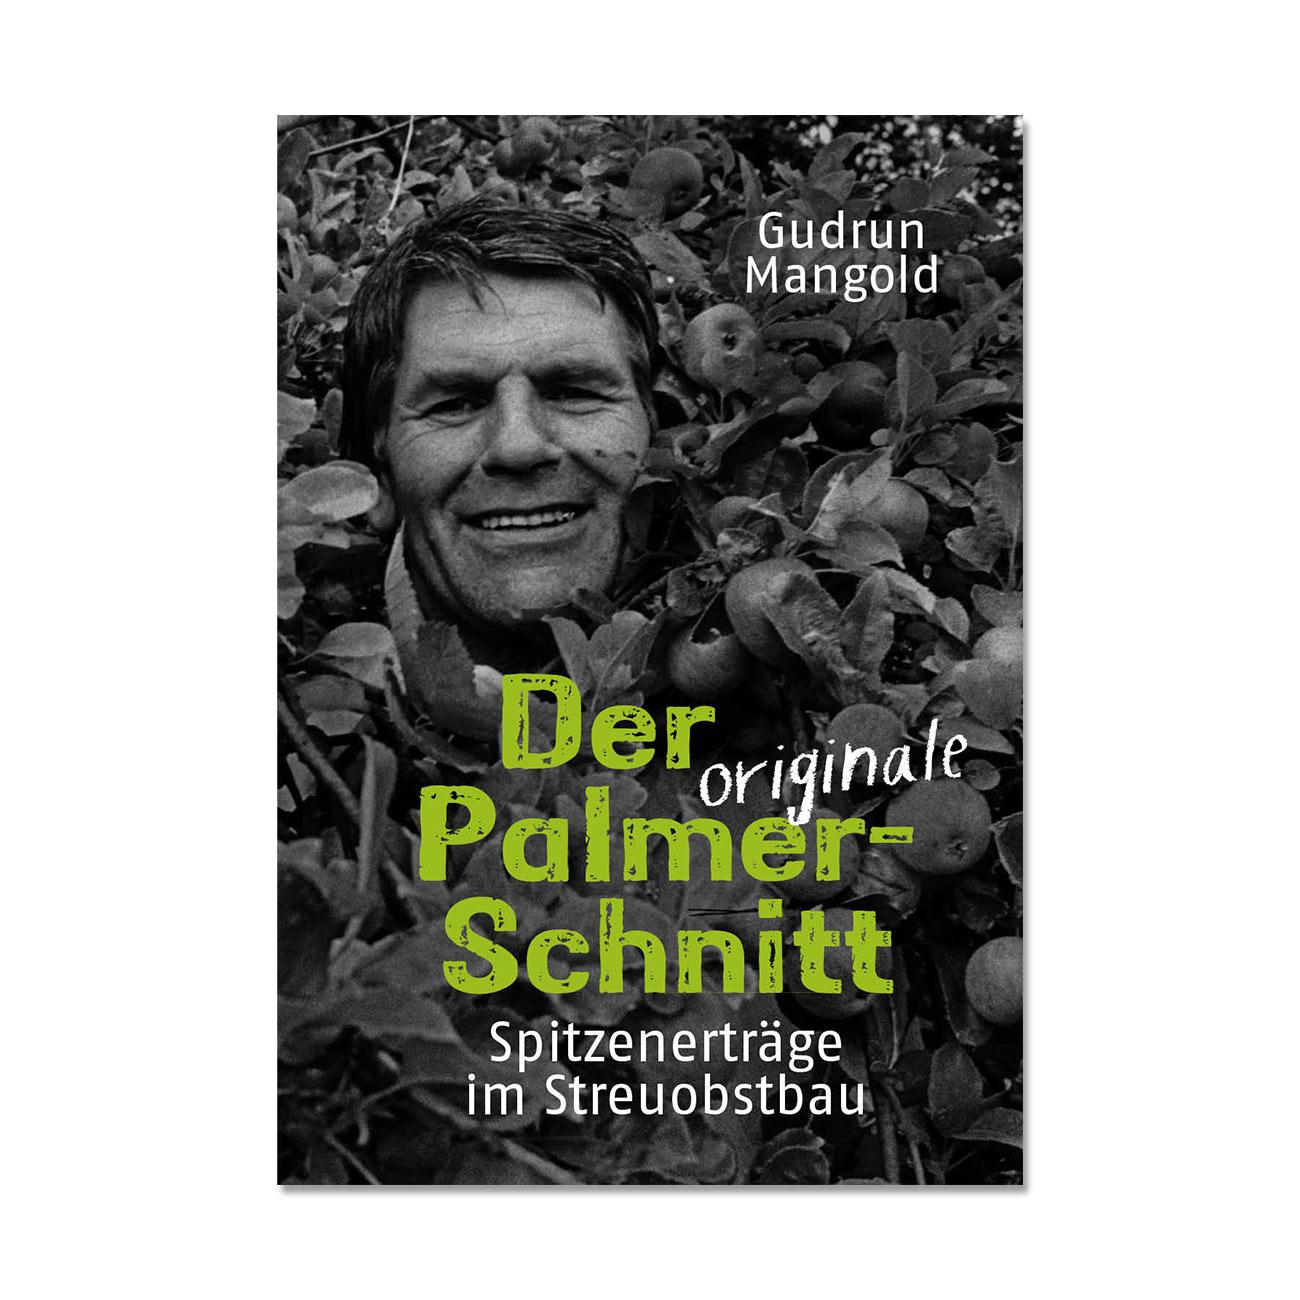 Der originale Palmer-Schnitt - Spitzenerträge im Streuobstbau